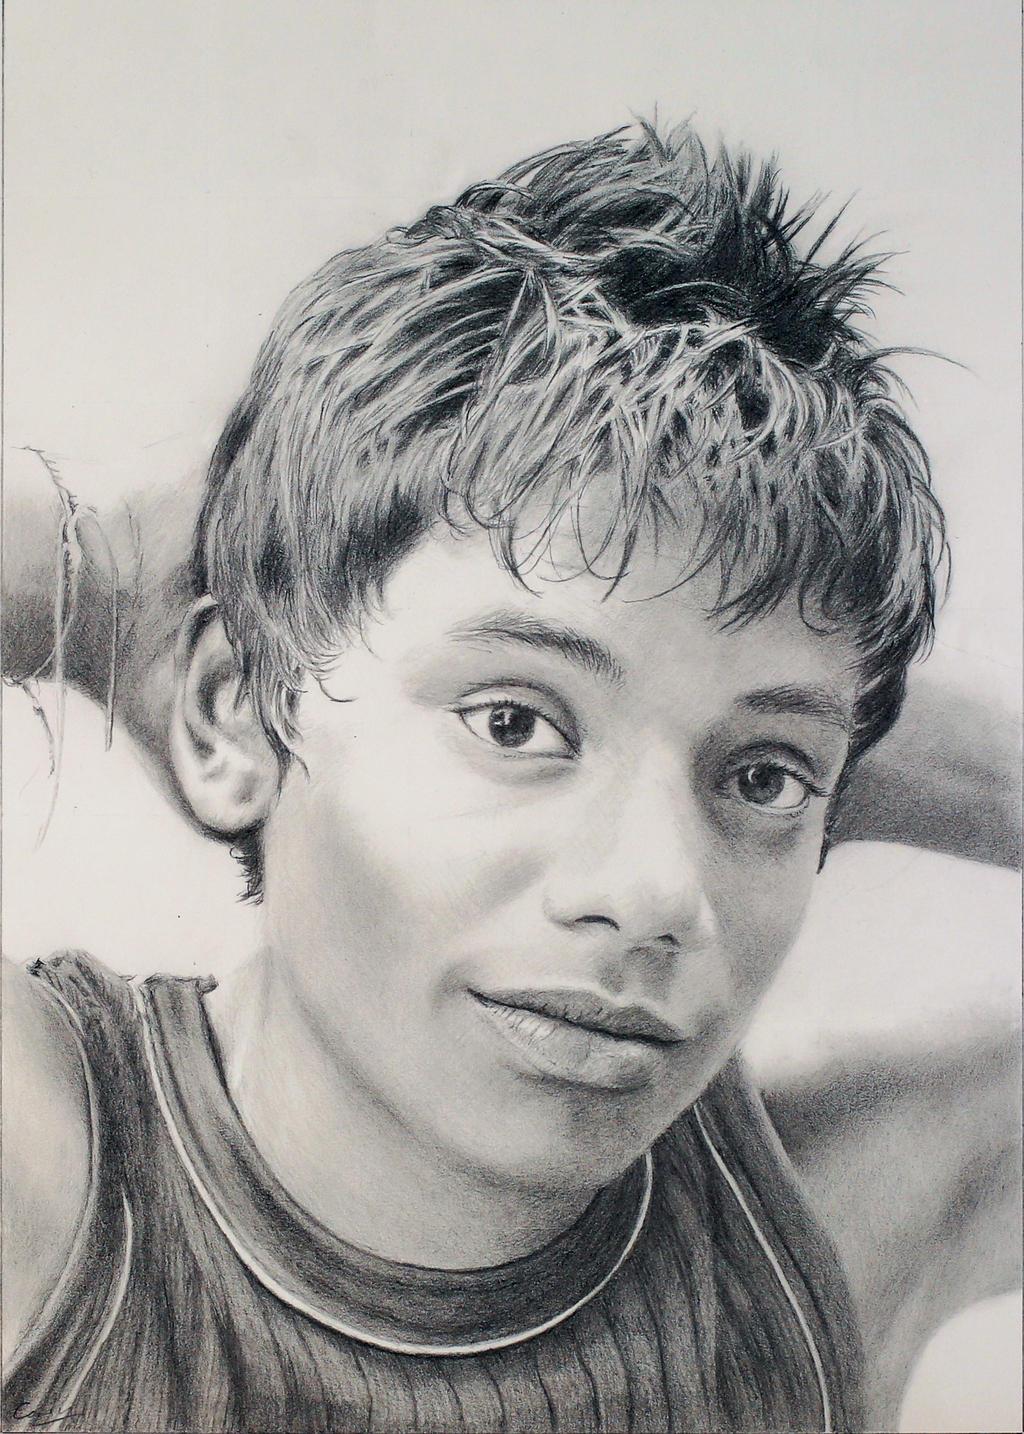 Pencil drawing: Portrait of a Boy by Denish-C